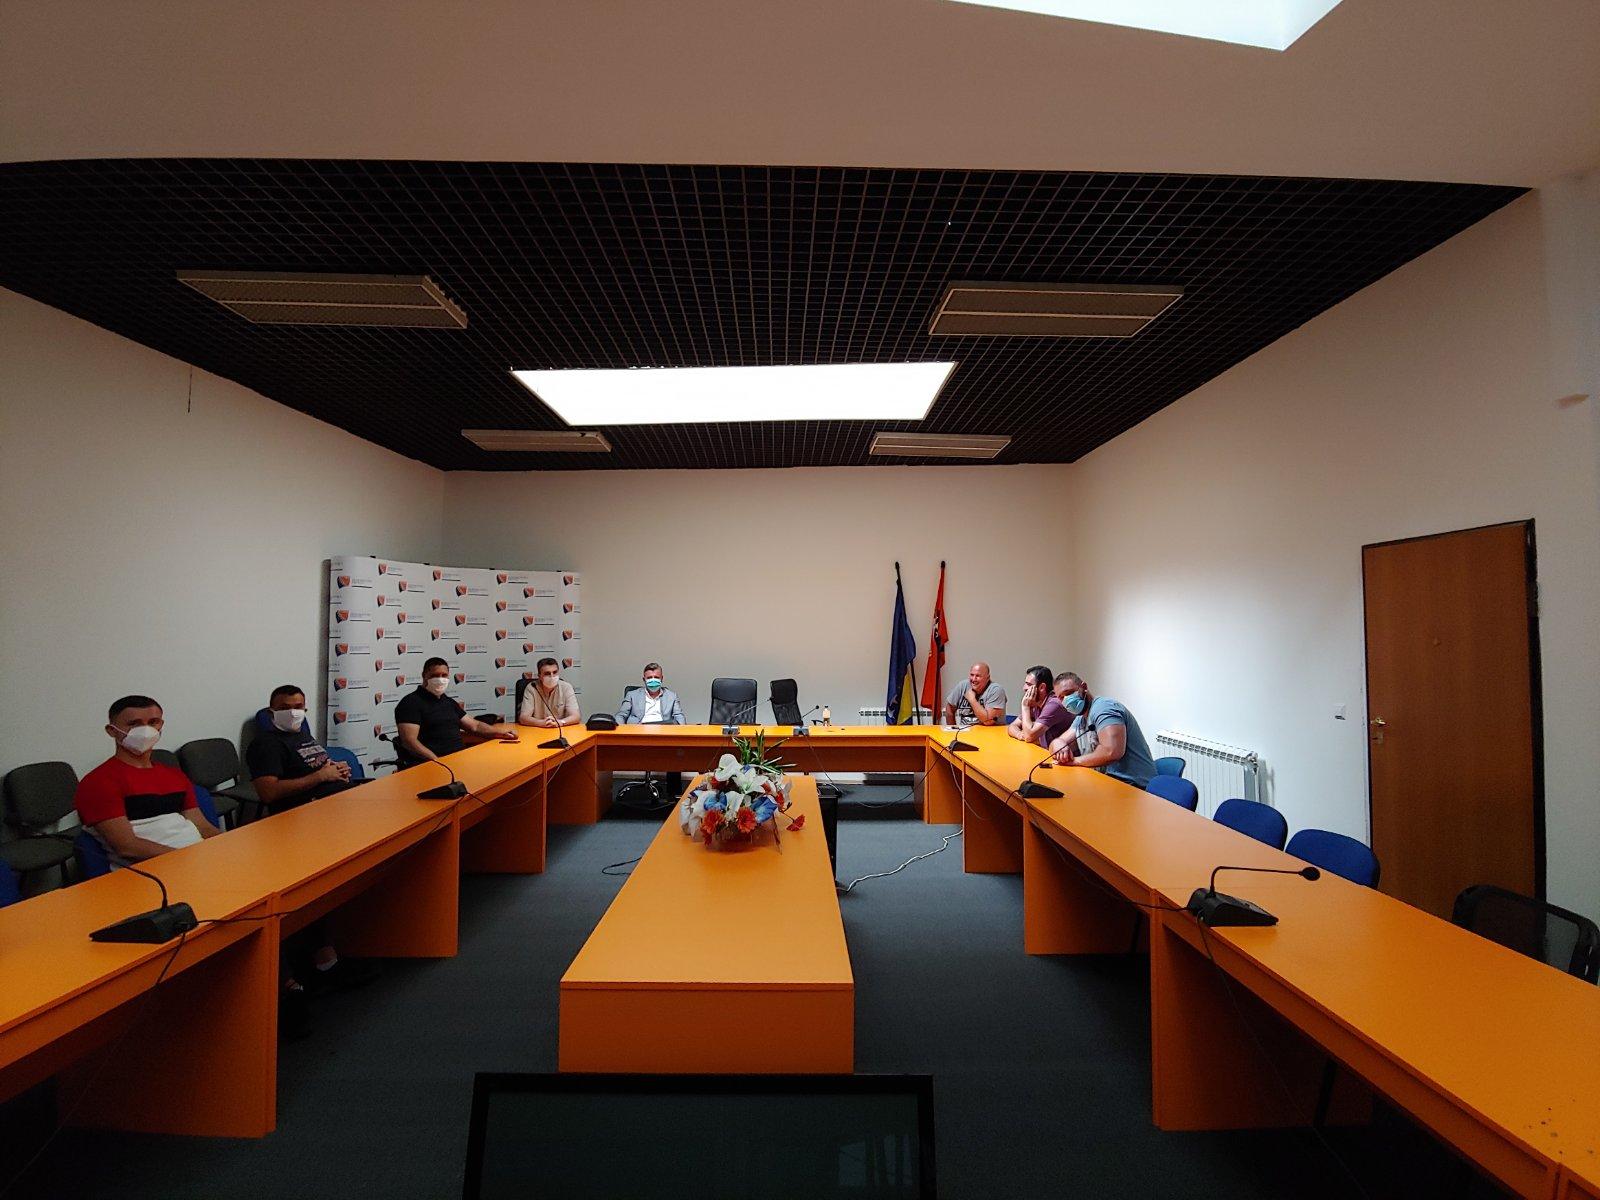 Općinskoj organizaciji DF Trnovo pristupilo još novih članova